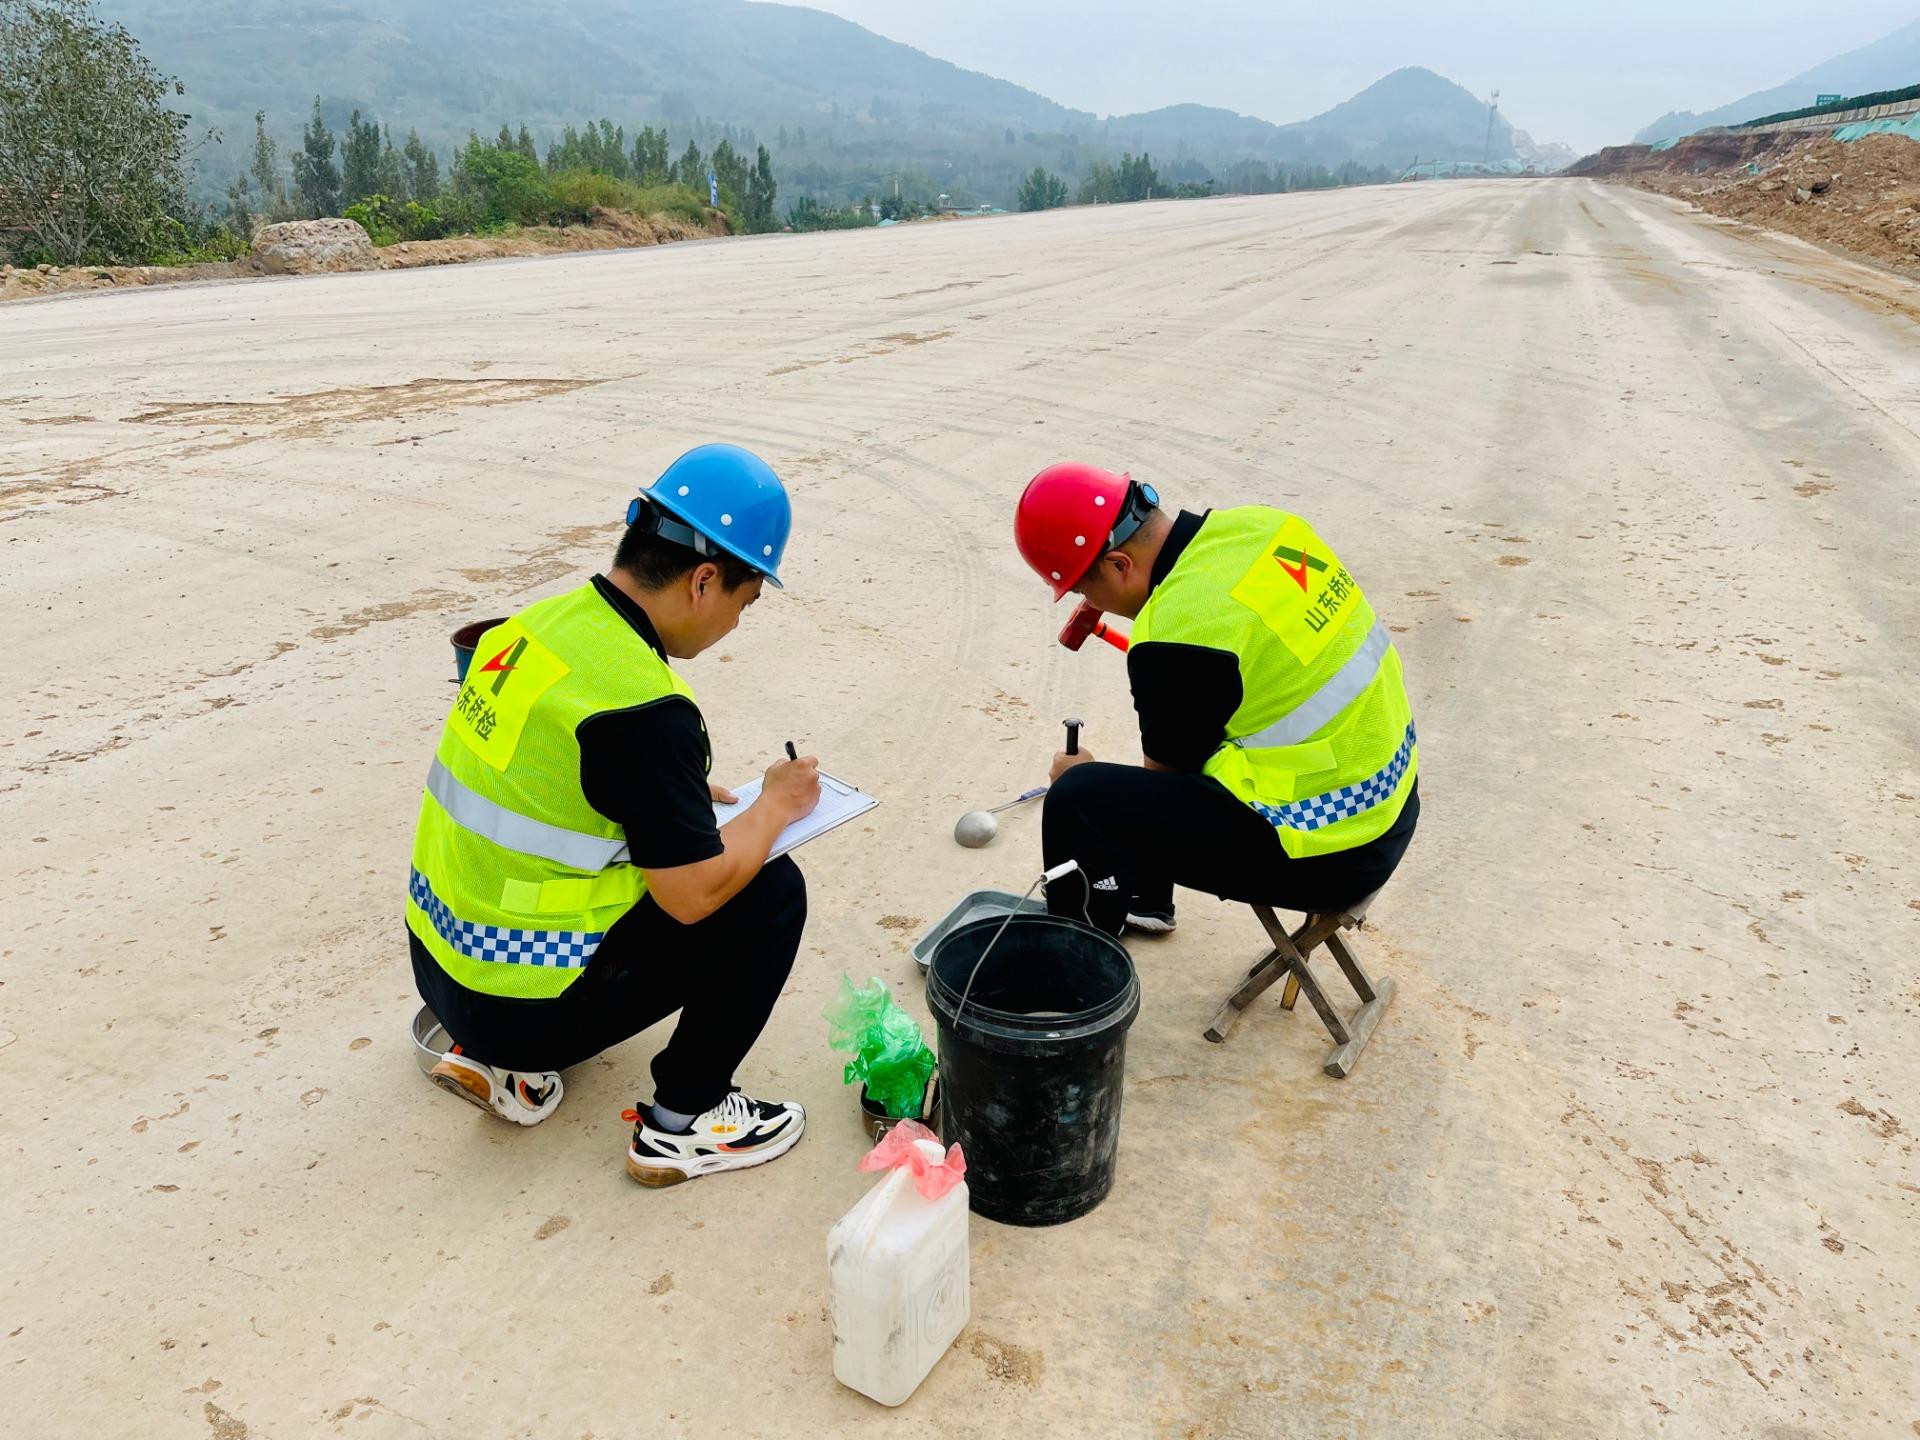 2 京台高速济南至泰安段改扩建项目路基交工验收检测